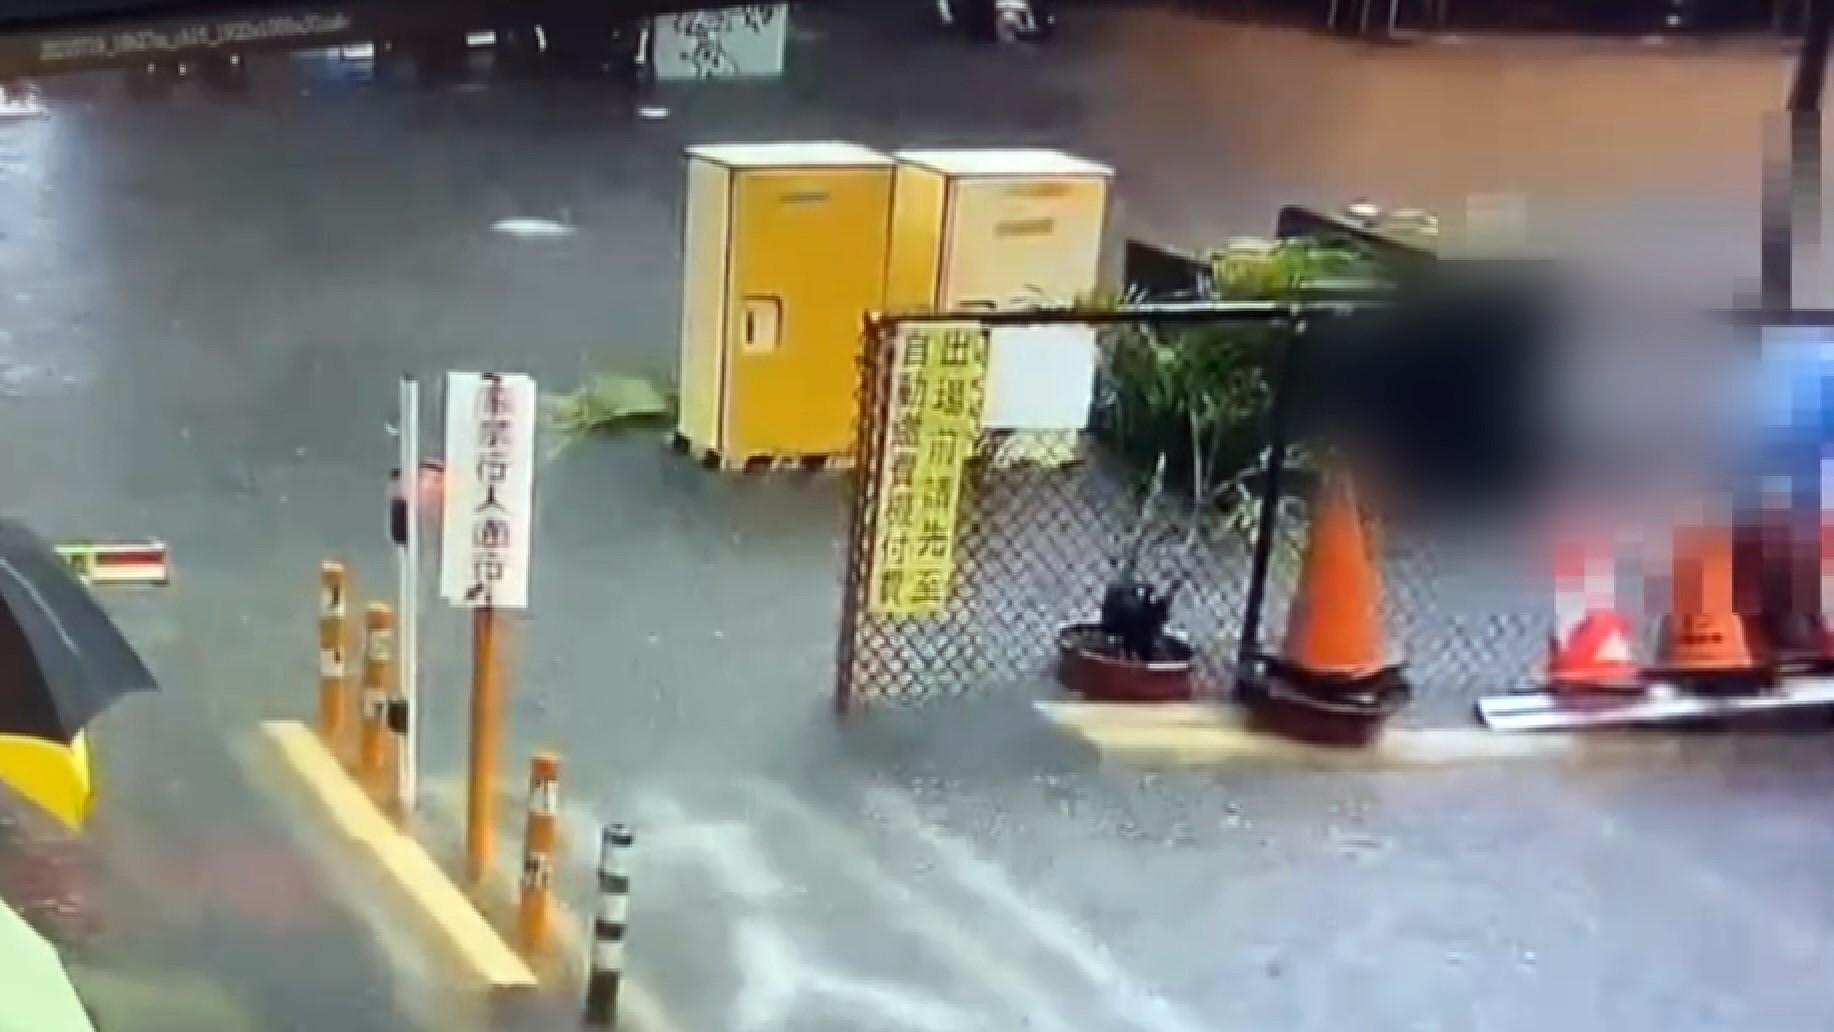 Wanita melewati genangan air jatuh tersengat listrik